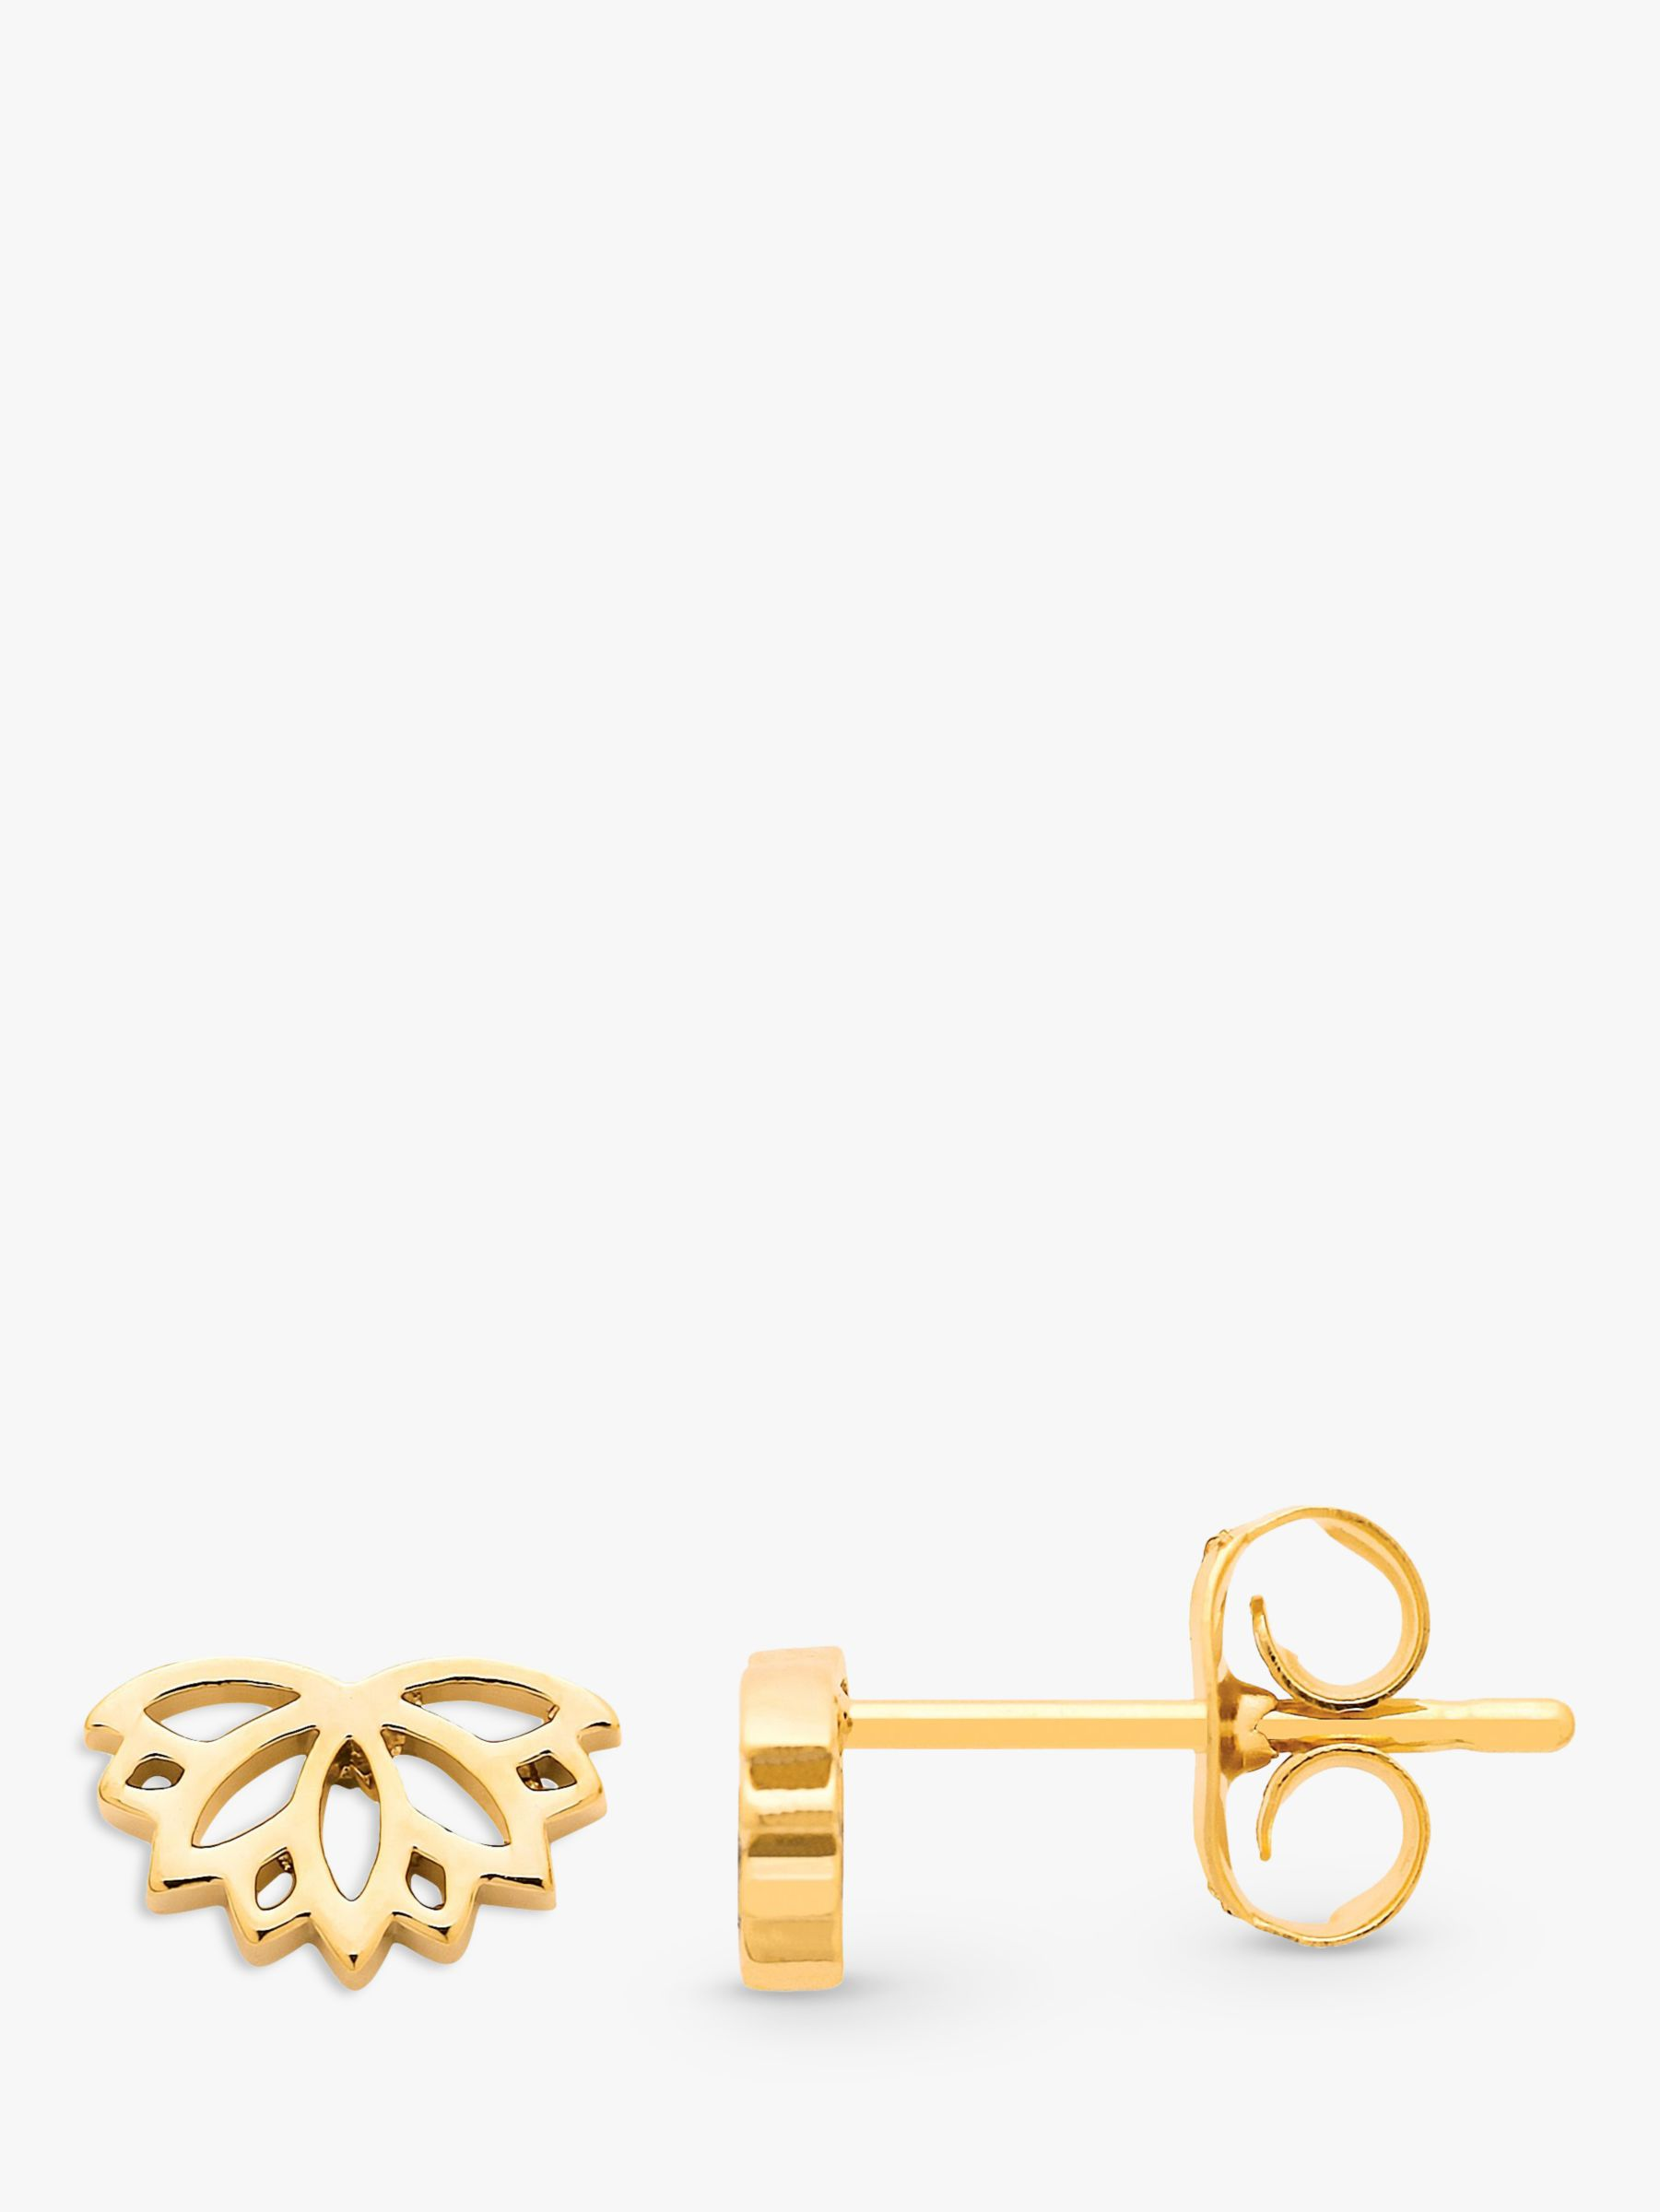 Estella Bartlett Estella Bartlett Lotus Stud Earrings, Gold